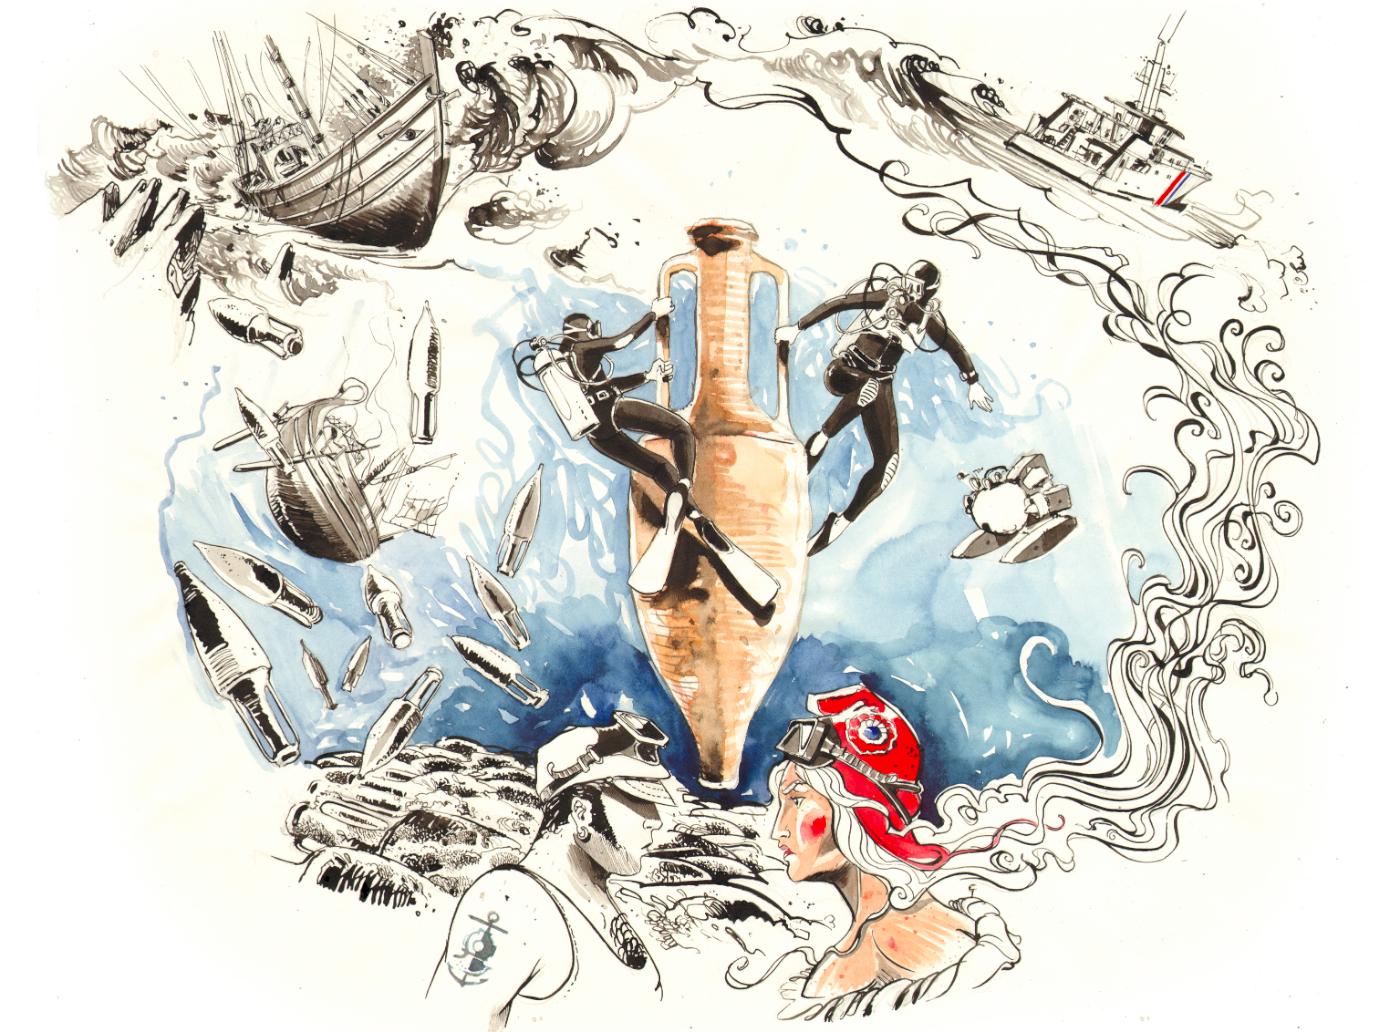 Illustration de la lutte acharnée entre l'archéologie contrôlée par l'Etat et l'entreprise privée © Antoine Bugeon / OCEAN71 Magazine